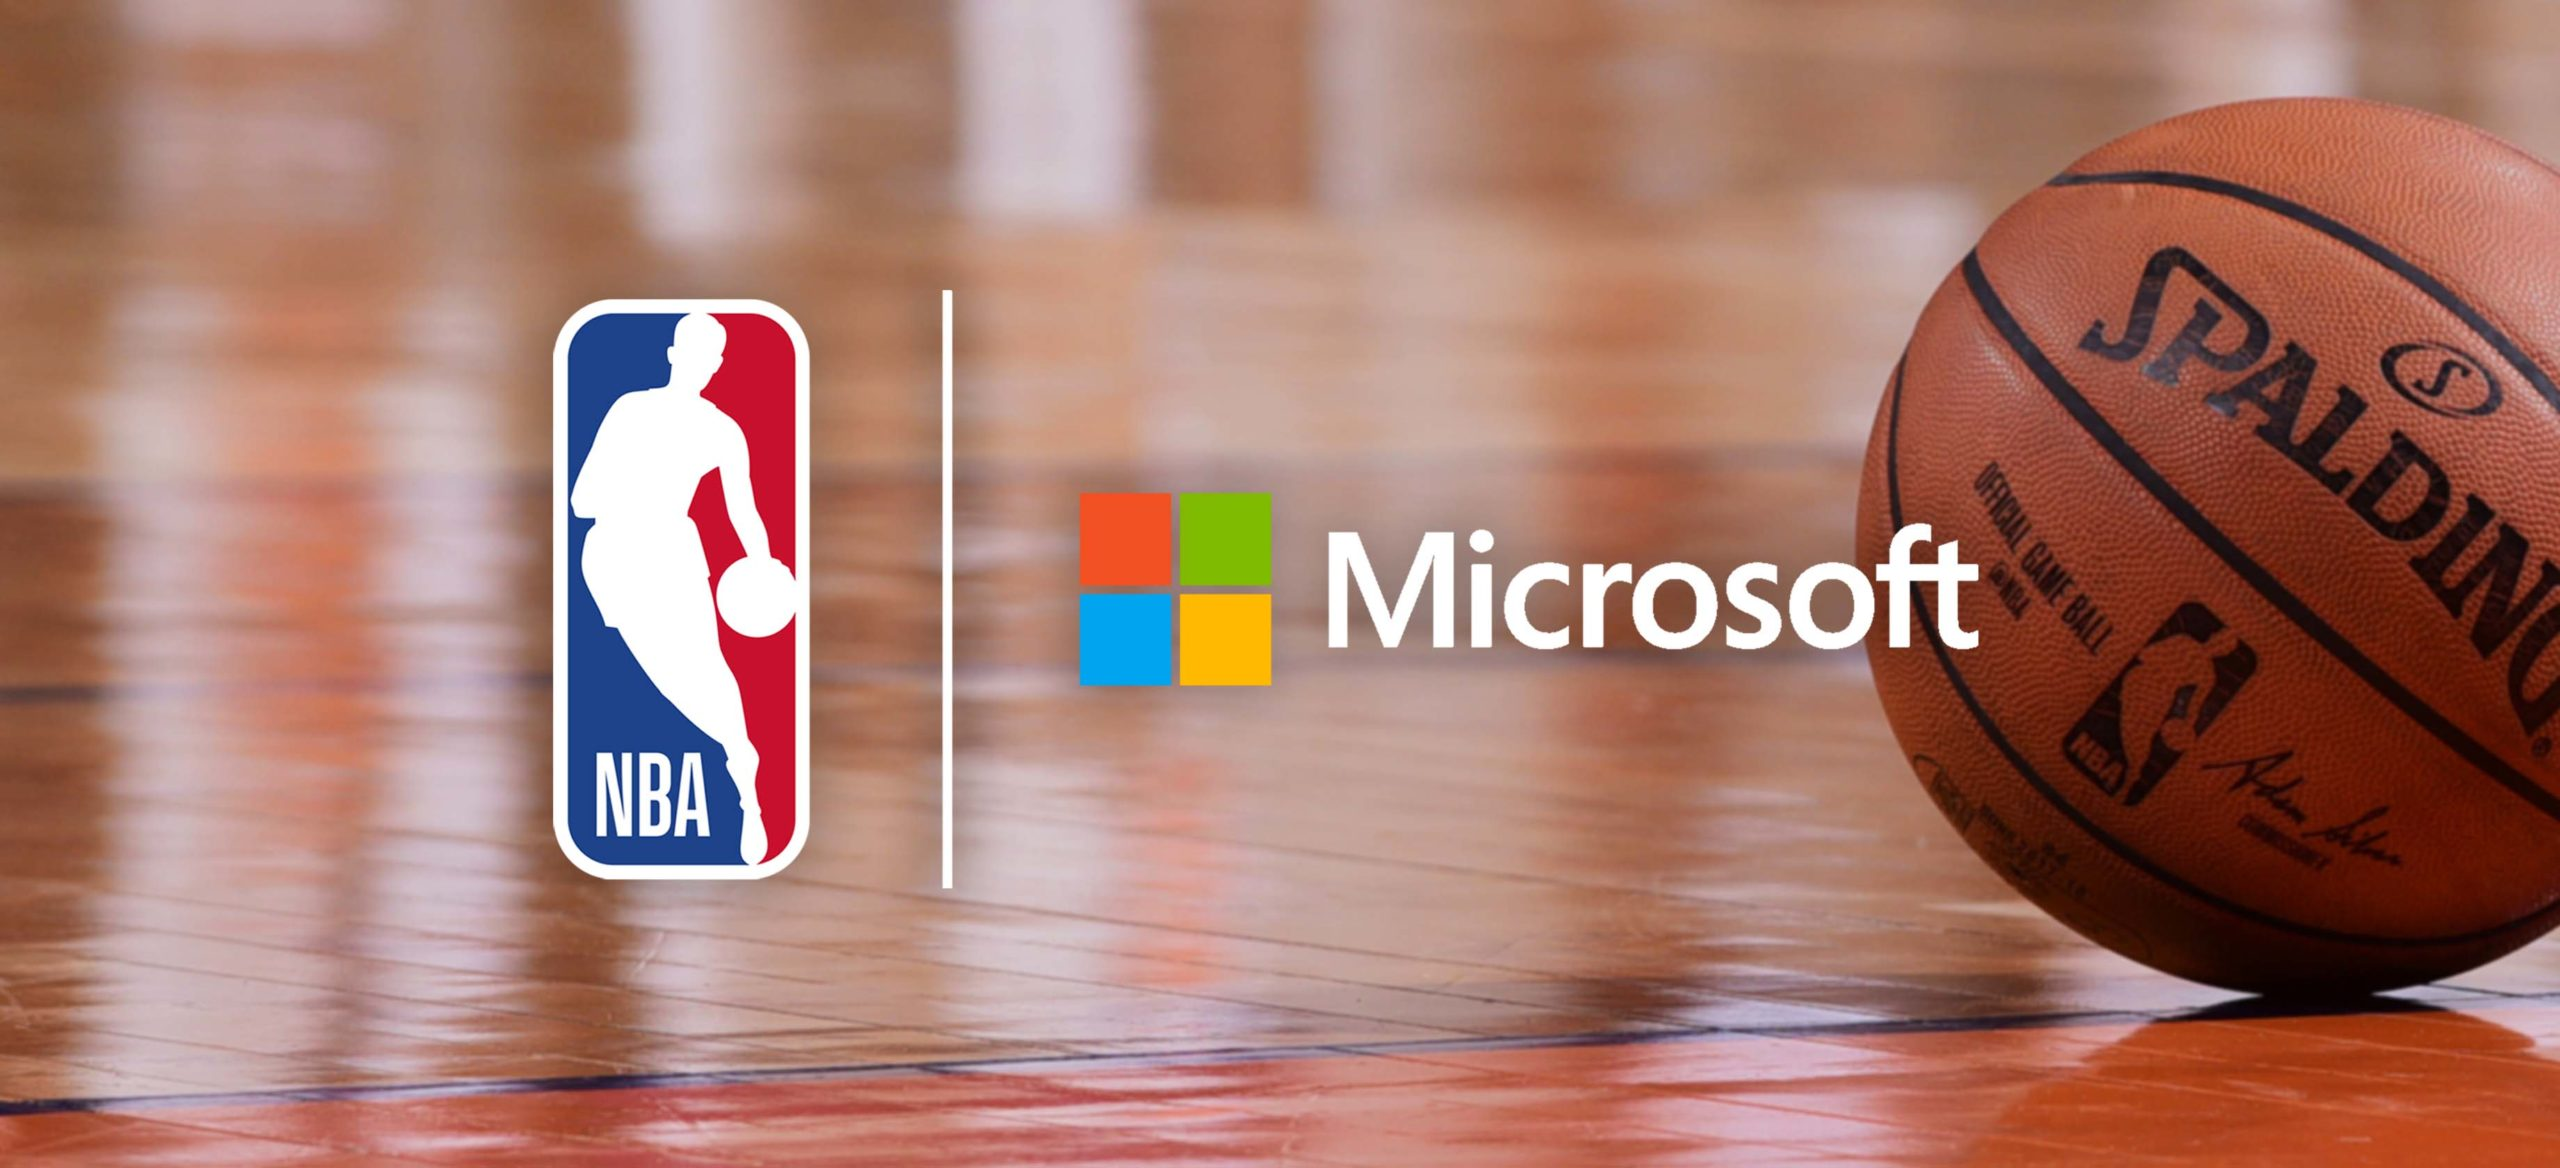 NBA и Microsoft